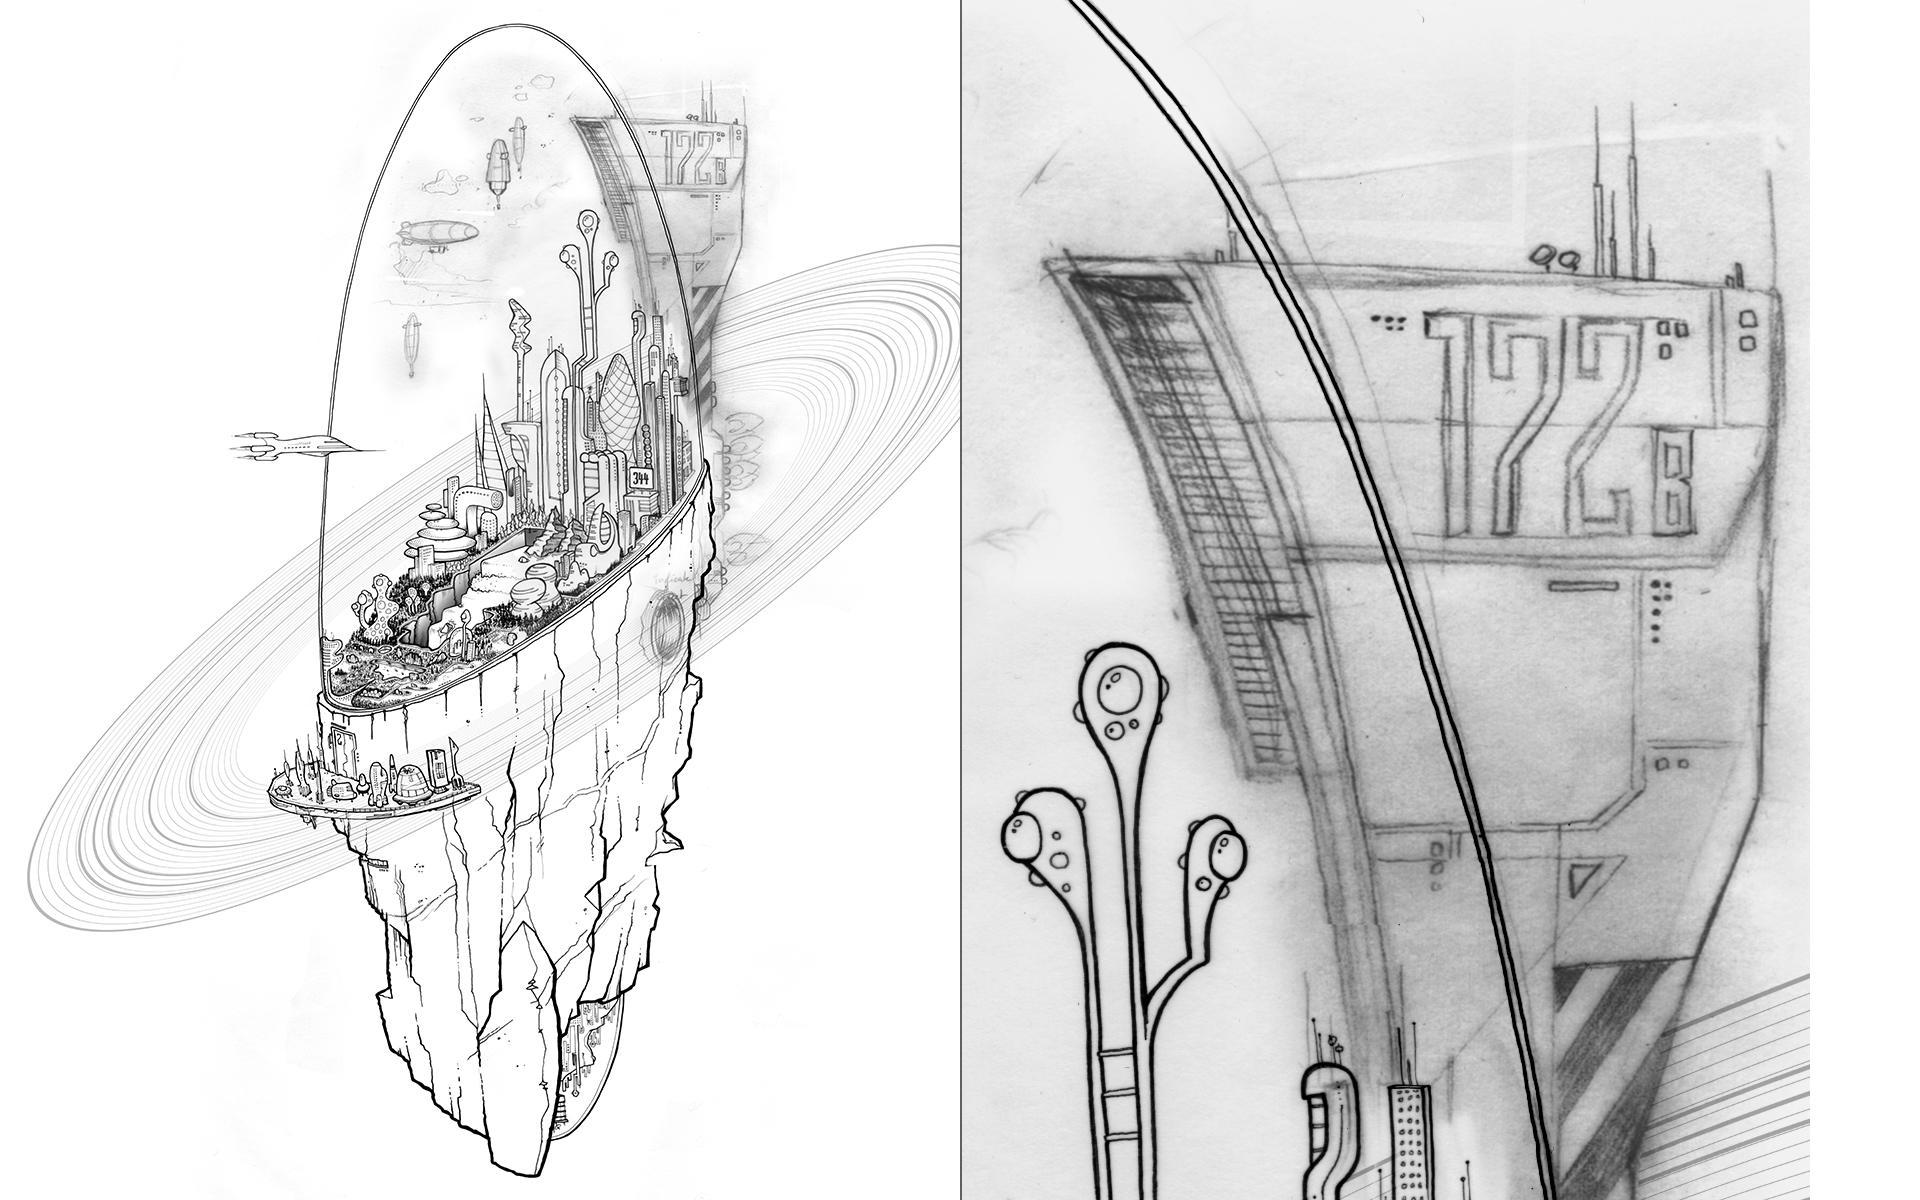 asteroid-sketch-1@2x.jpg